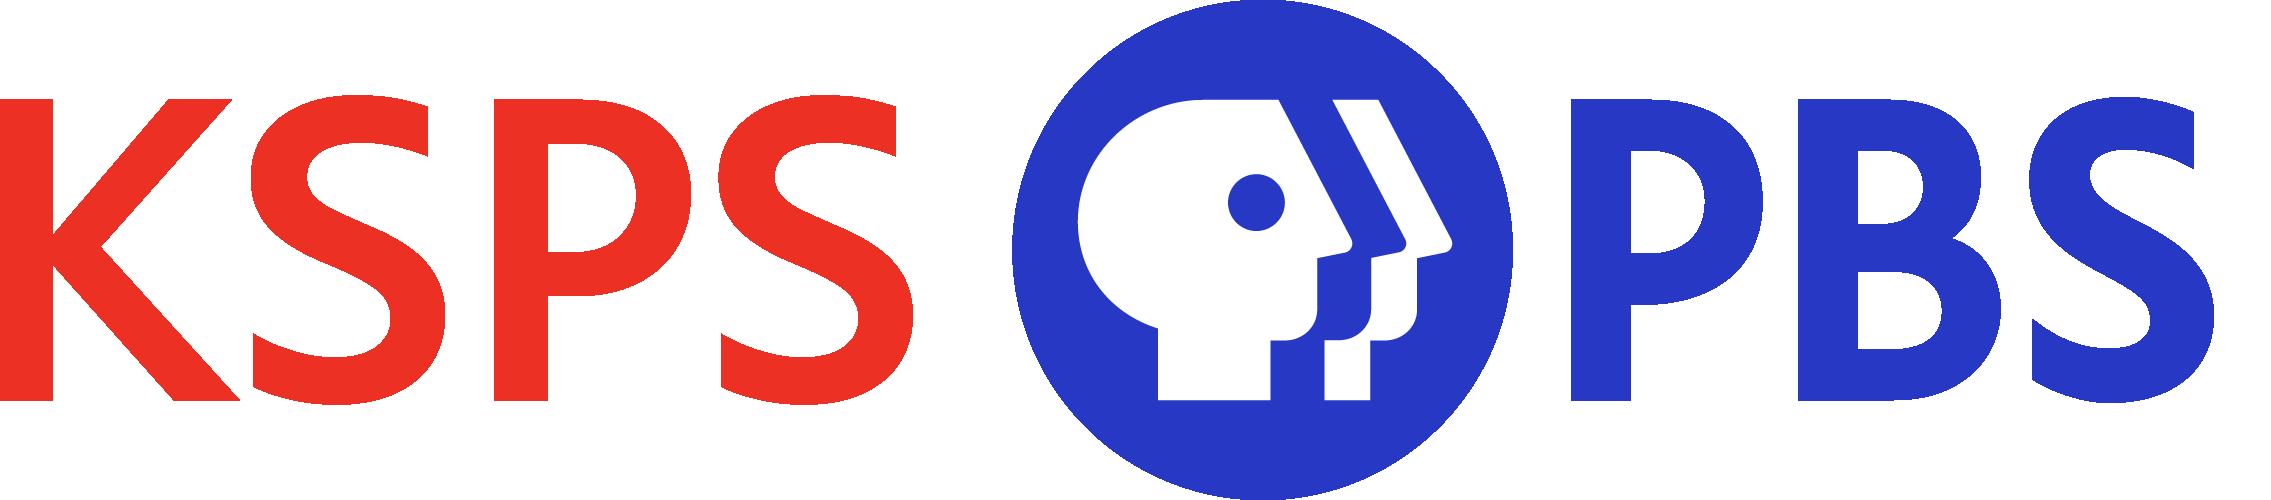 KSPS Public Television